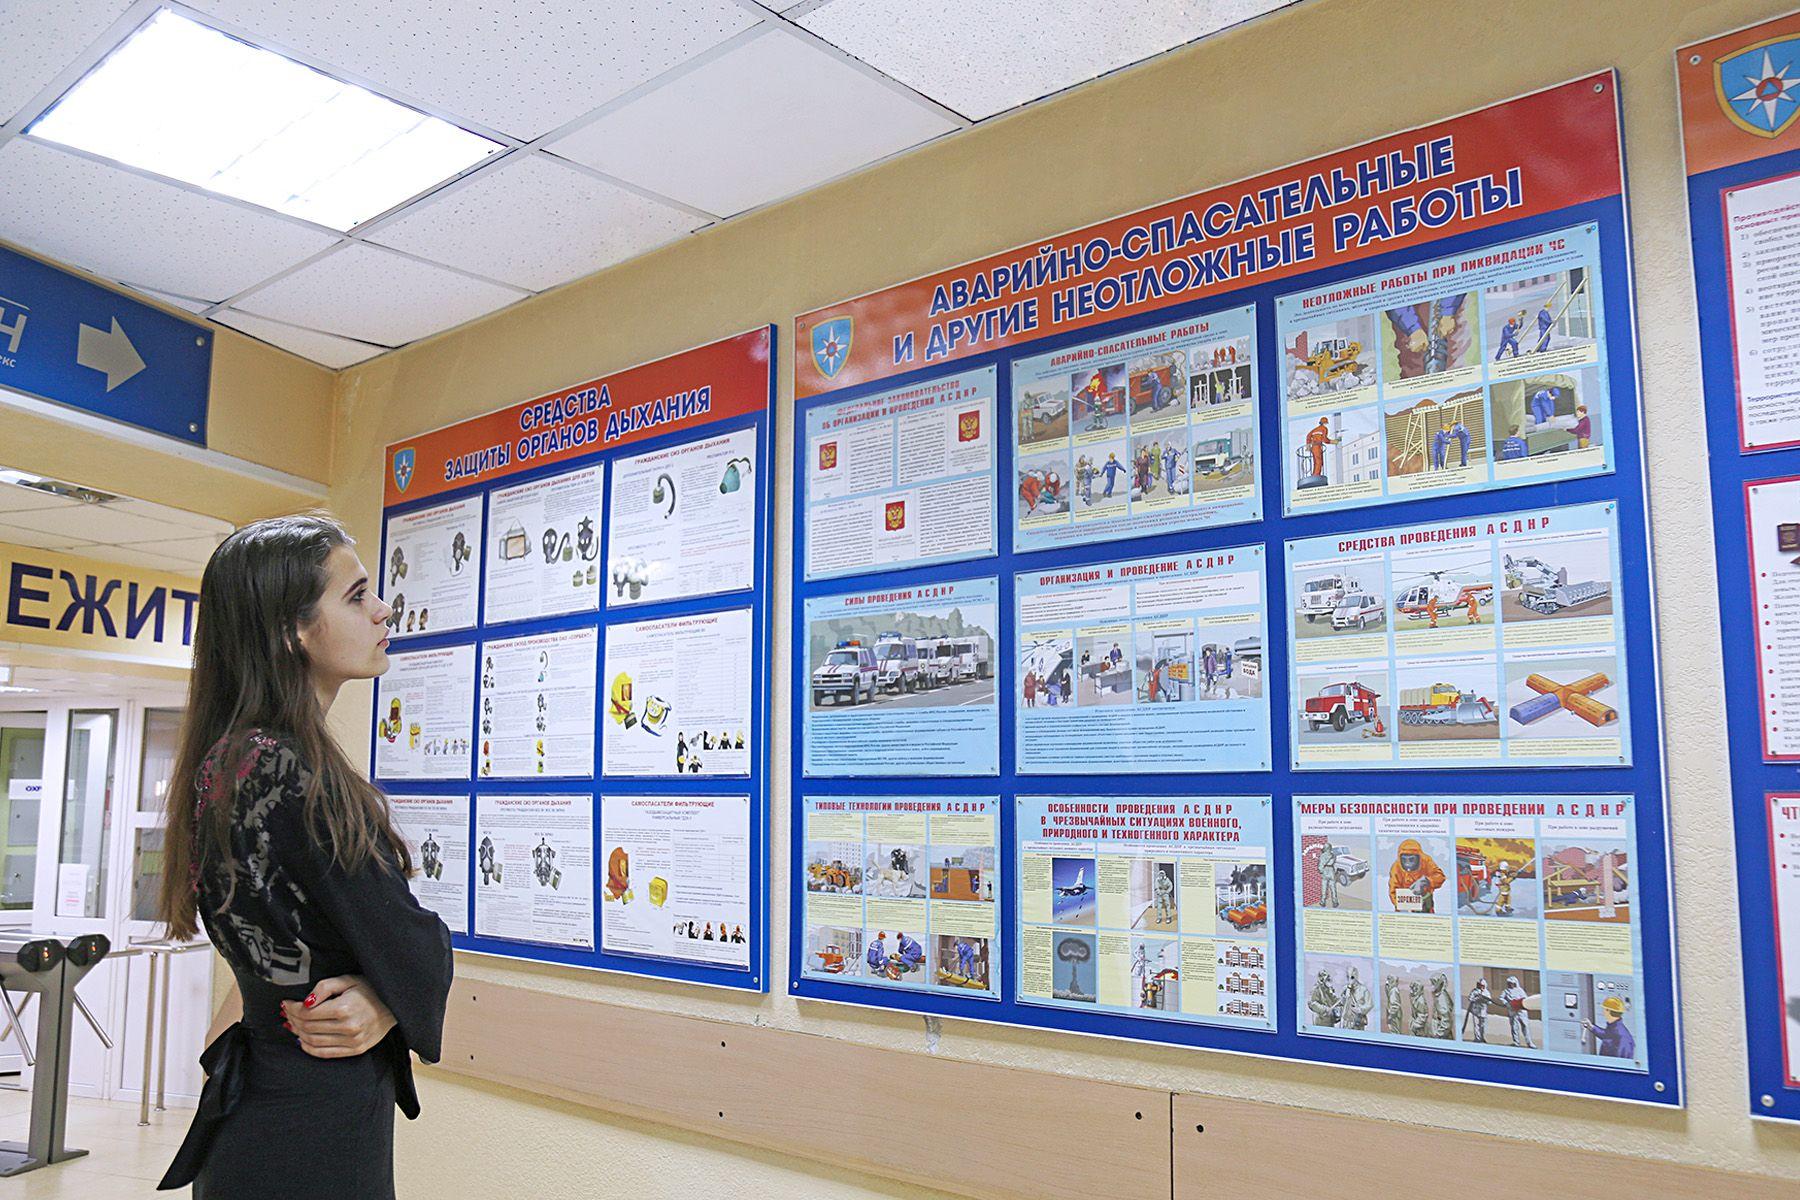 ВГУЭС - безопасный: университет отмечен за комплекс мер по предупреждению ЧС